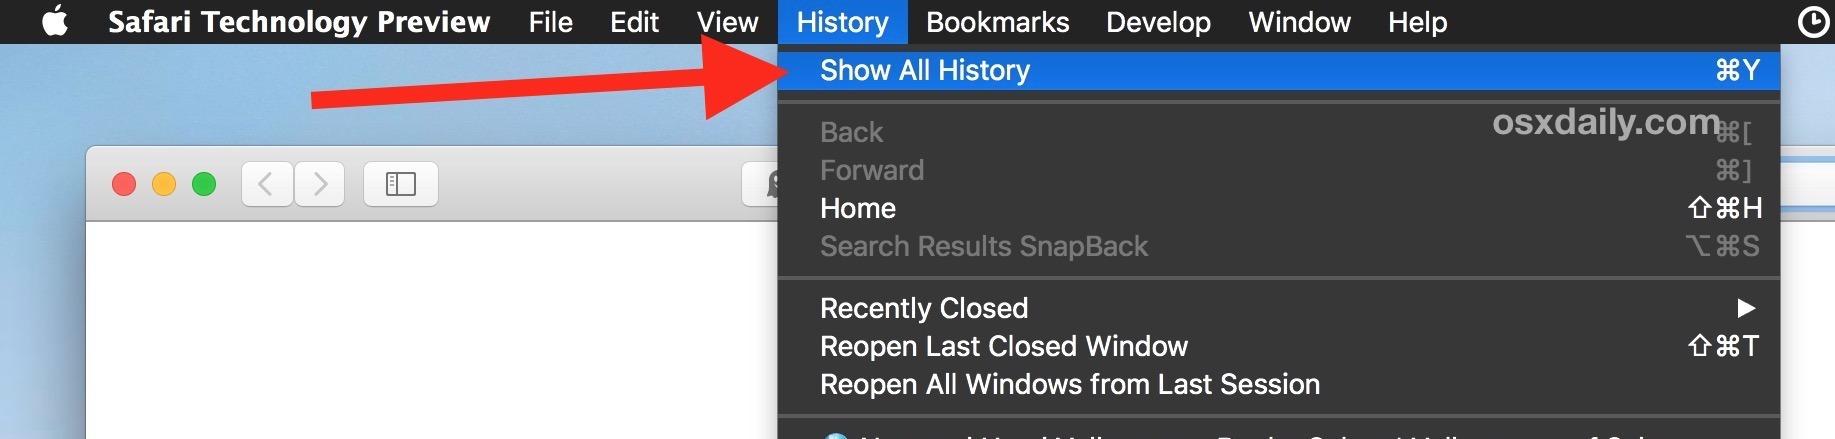 Come mostrare tutta la cronologia di Safari su Mac